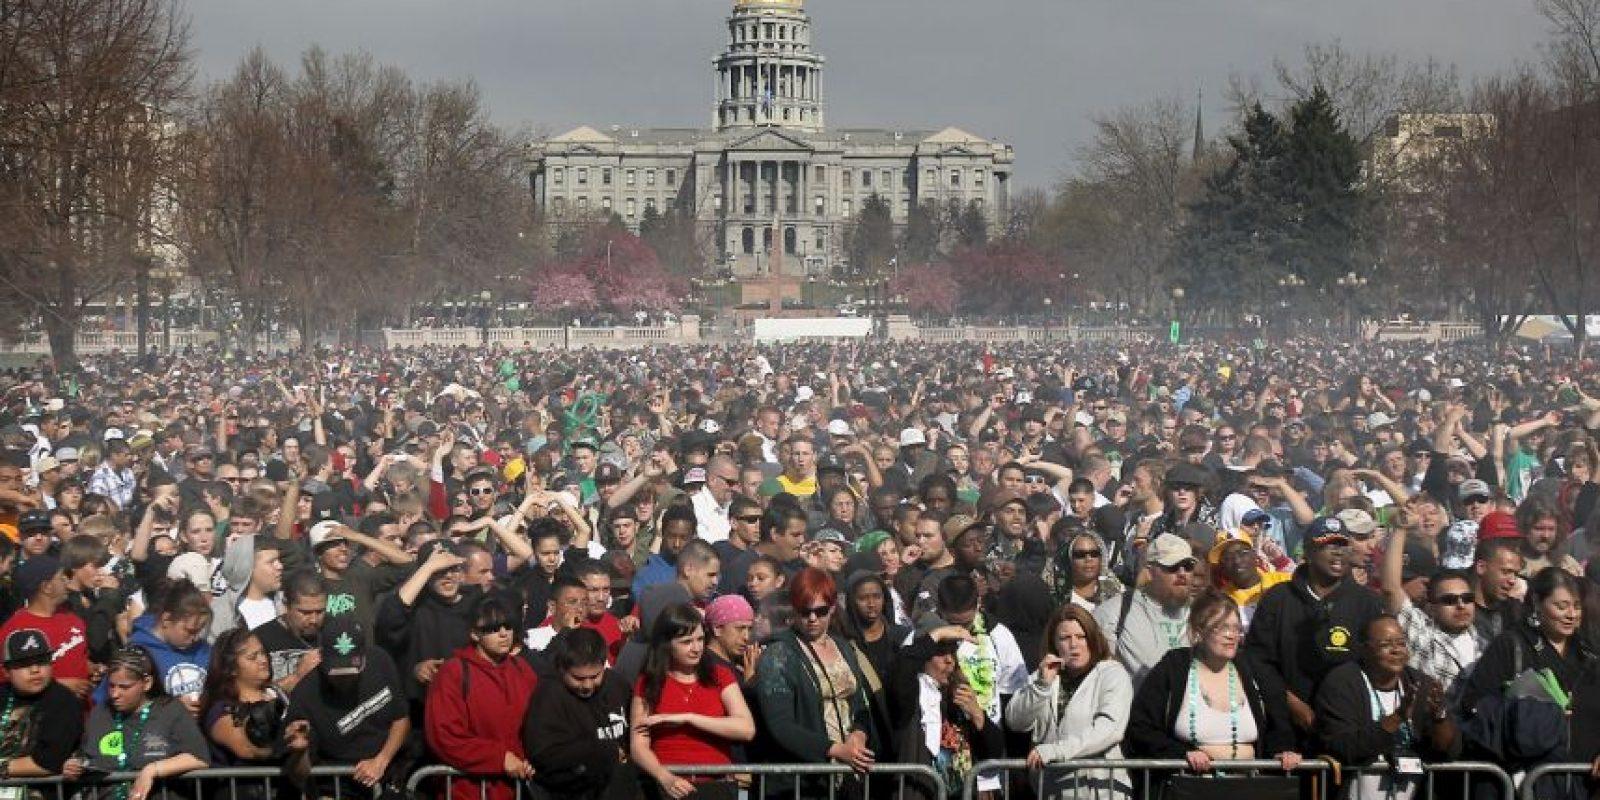 El 20 de abril de cada año, los adeptos al cannabis celebran con grandes dosis de espeso humo lo que ellos entienden como su propia festividad. Foto:Getty Images